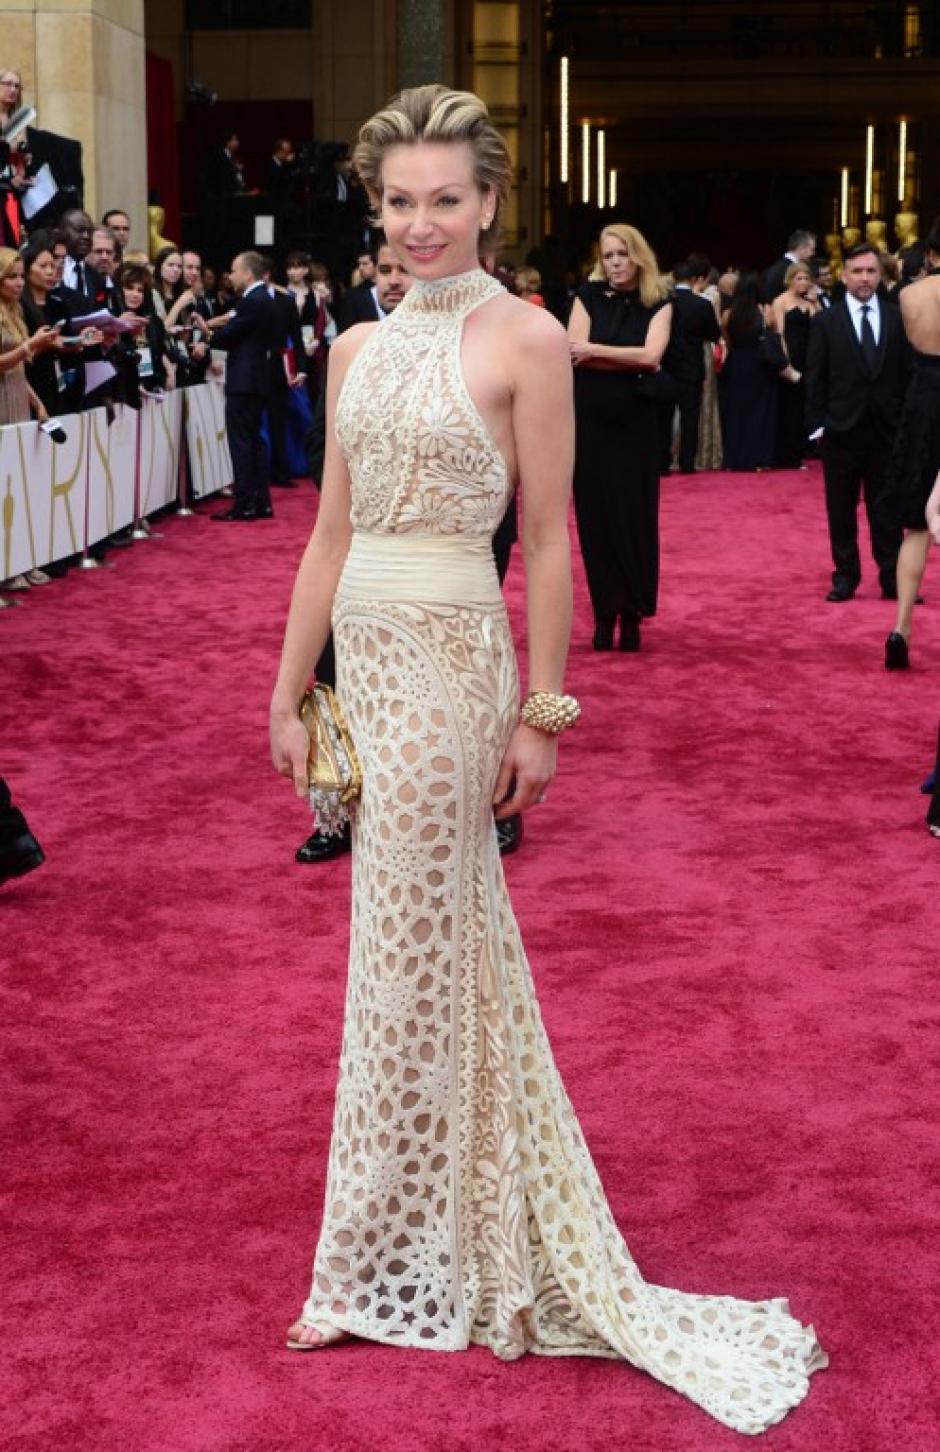 Portia de Rossi, pareja de la presentadora Ellen Degeneres, llega con un vestido en tonos pálidos y un peinado recogido. Es notorio el peso que ha perdido. (Foto: AFP)